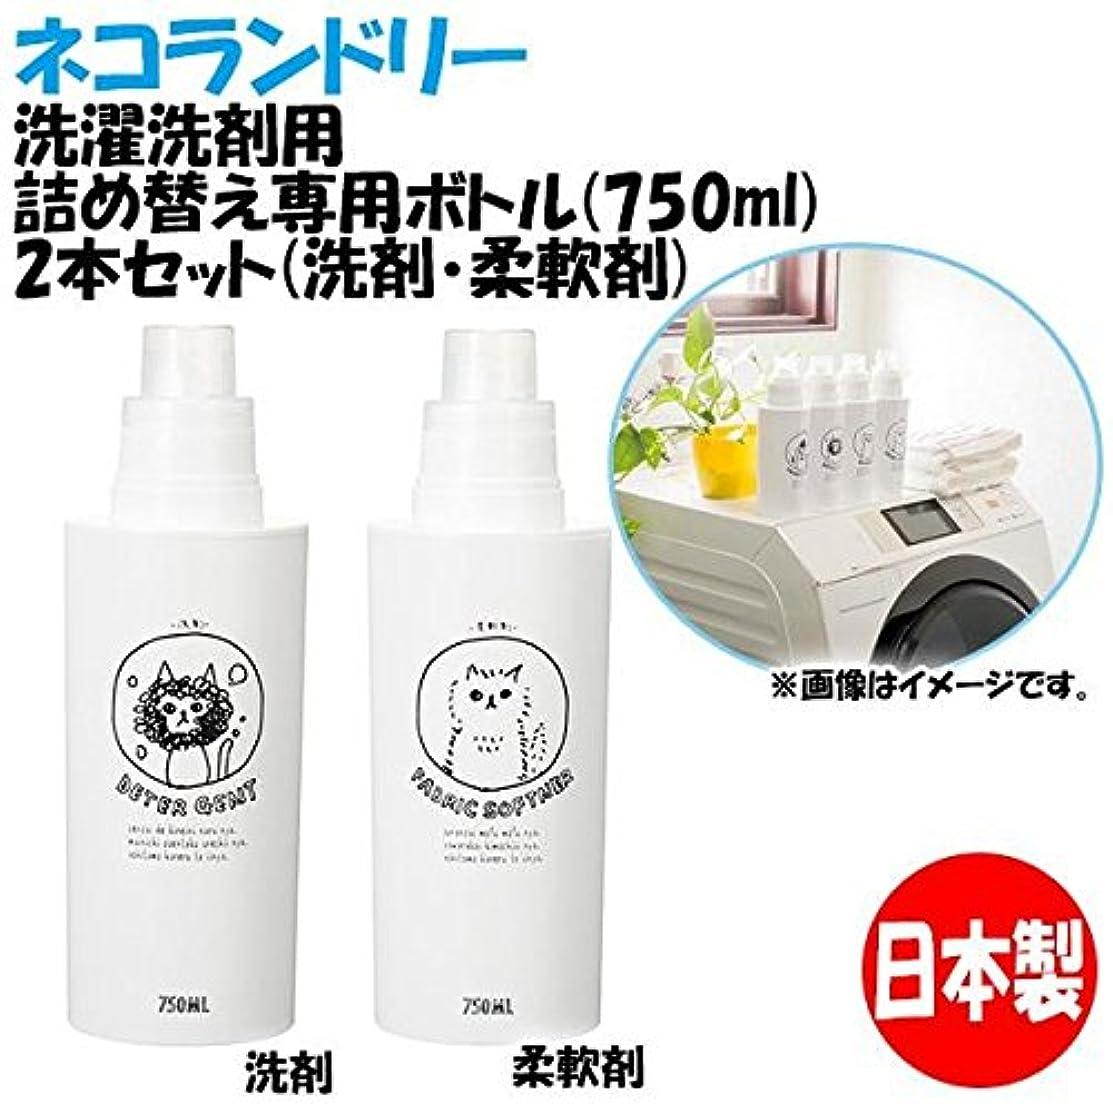 ビルジャム連鎖日本製 ネコランドリー 洗濯洗剤用詰め替え専用ボトル(750ml) 2本セット(洗剤?柔軟剤)